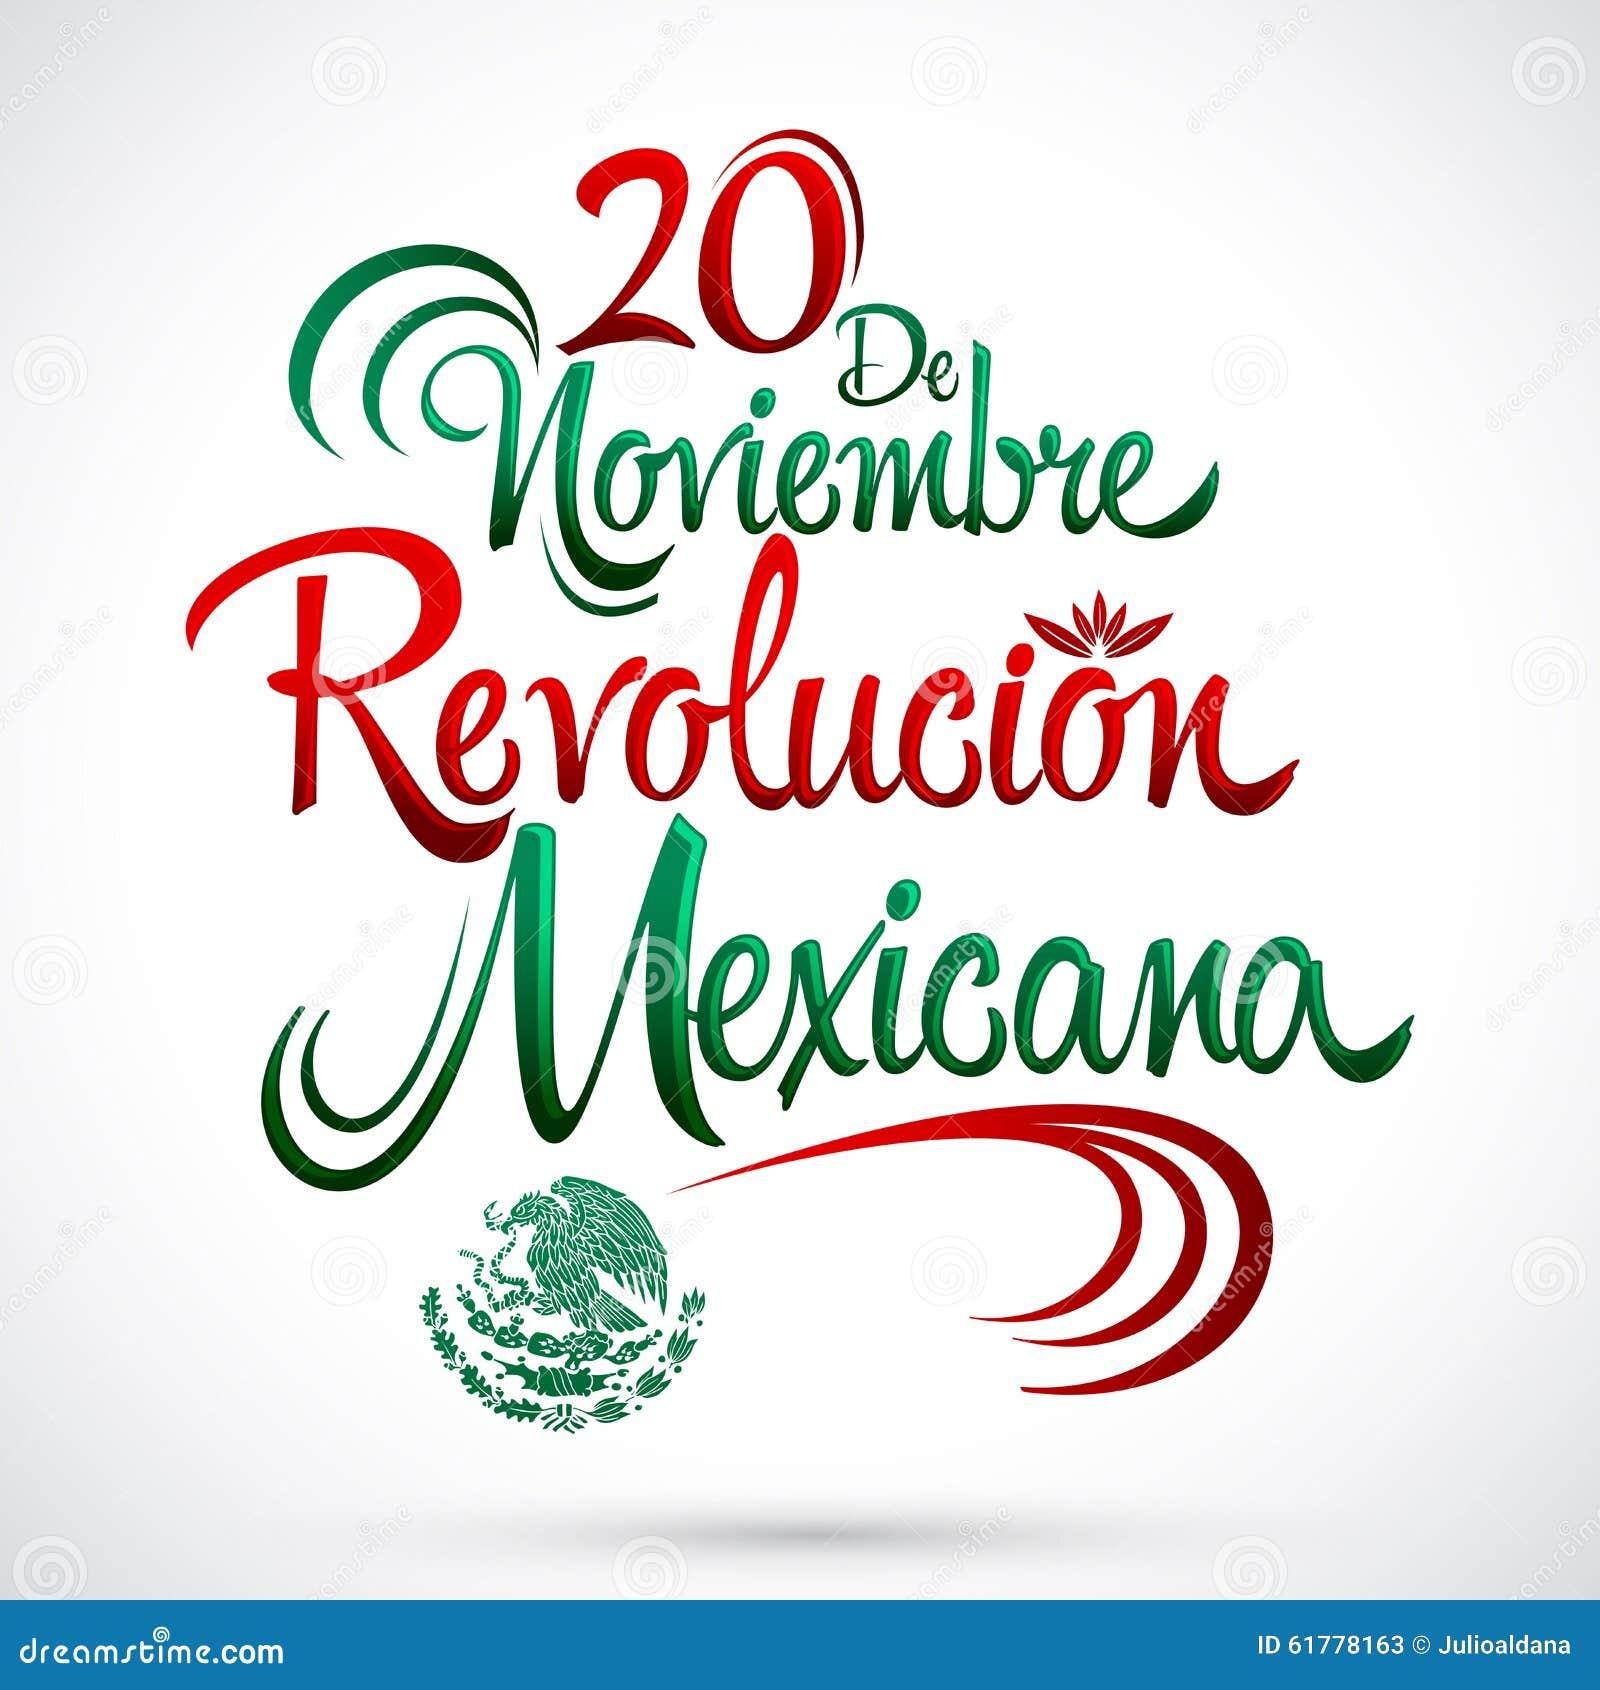 20 de Noviembre Revolucion Mexicana - 20 de novembro os espanhóis da revolução mexicana text